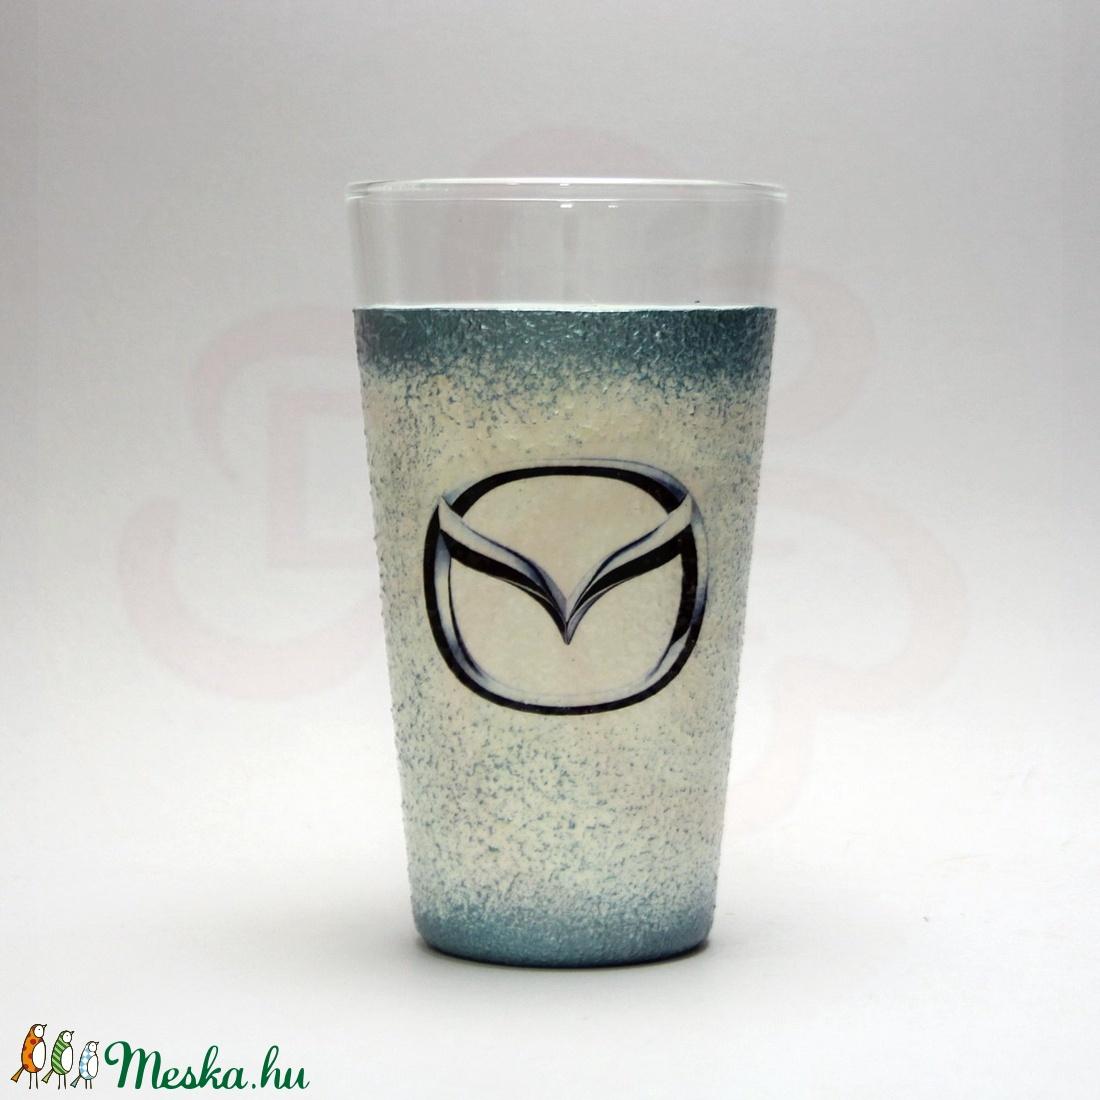 MAZDA vizes pohár ; Mazda autó rajongóknak - Meska.hu